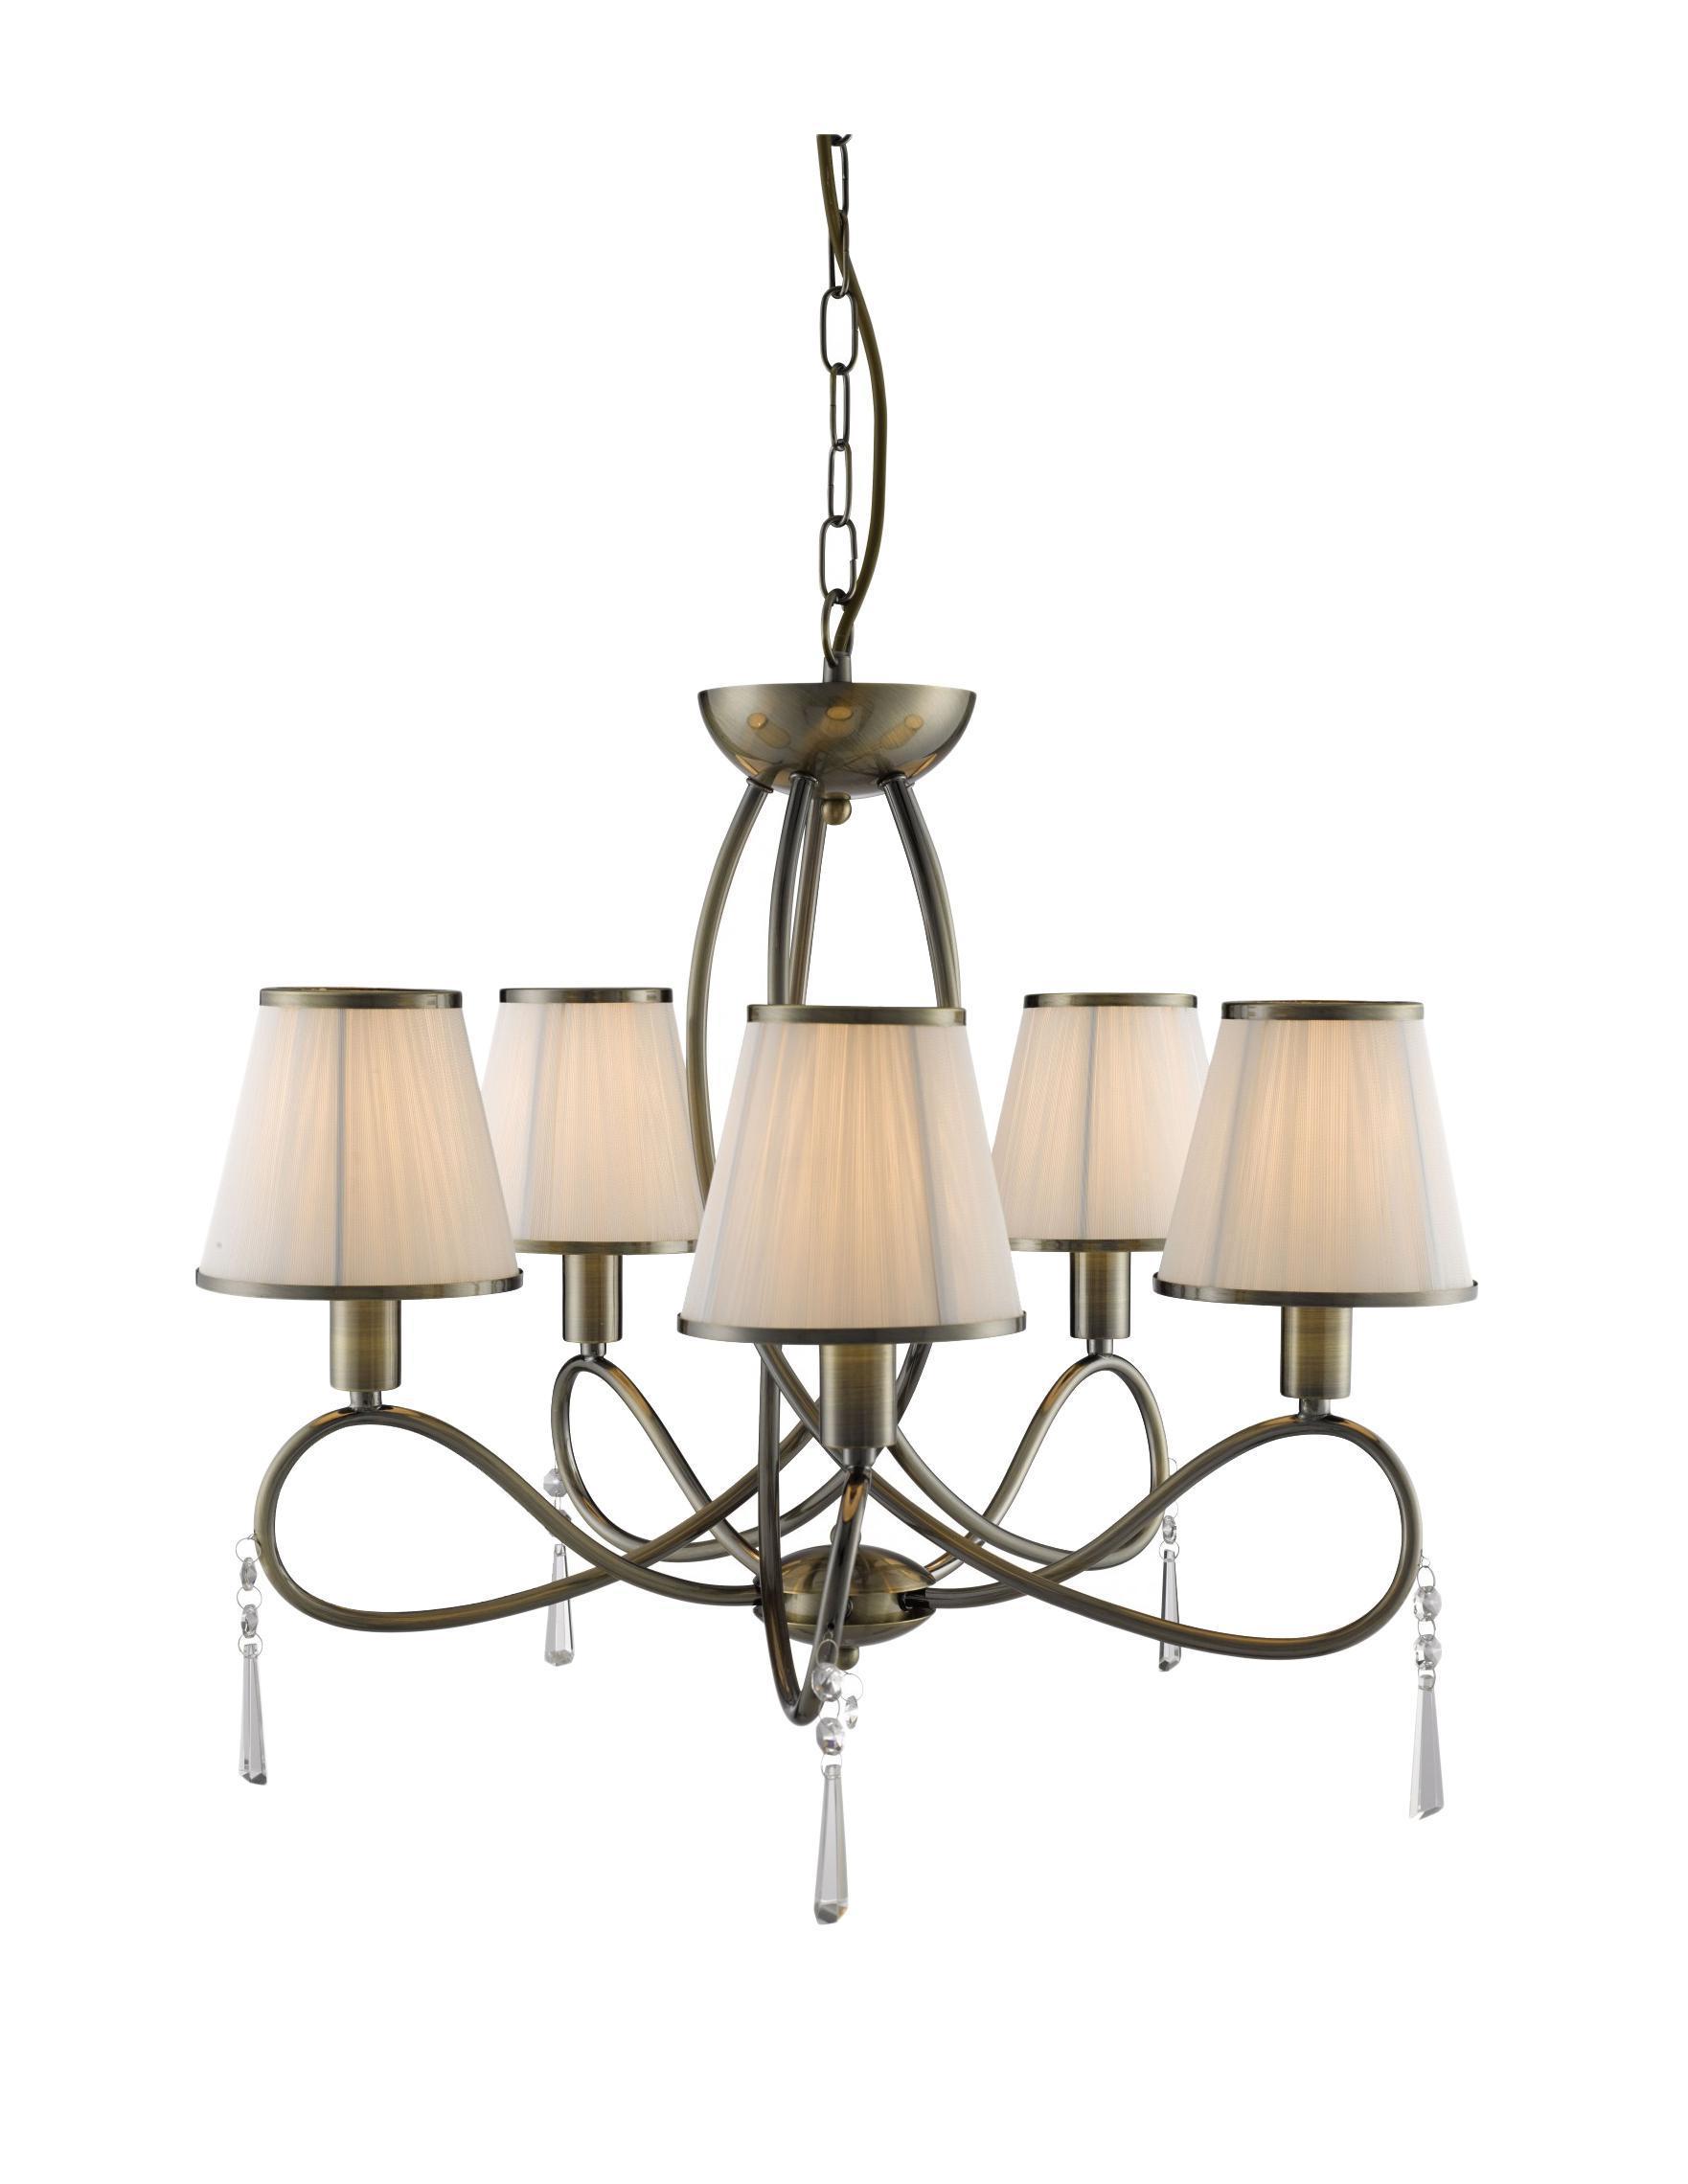 Люстра Arte lamp A1035lm-5ab arte lamp люстра arte lamp a7556pl 5ab